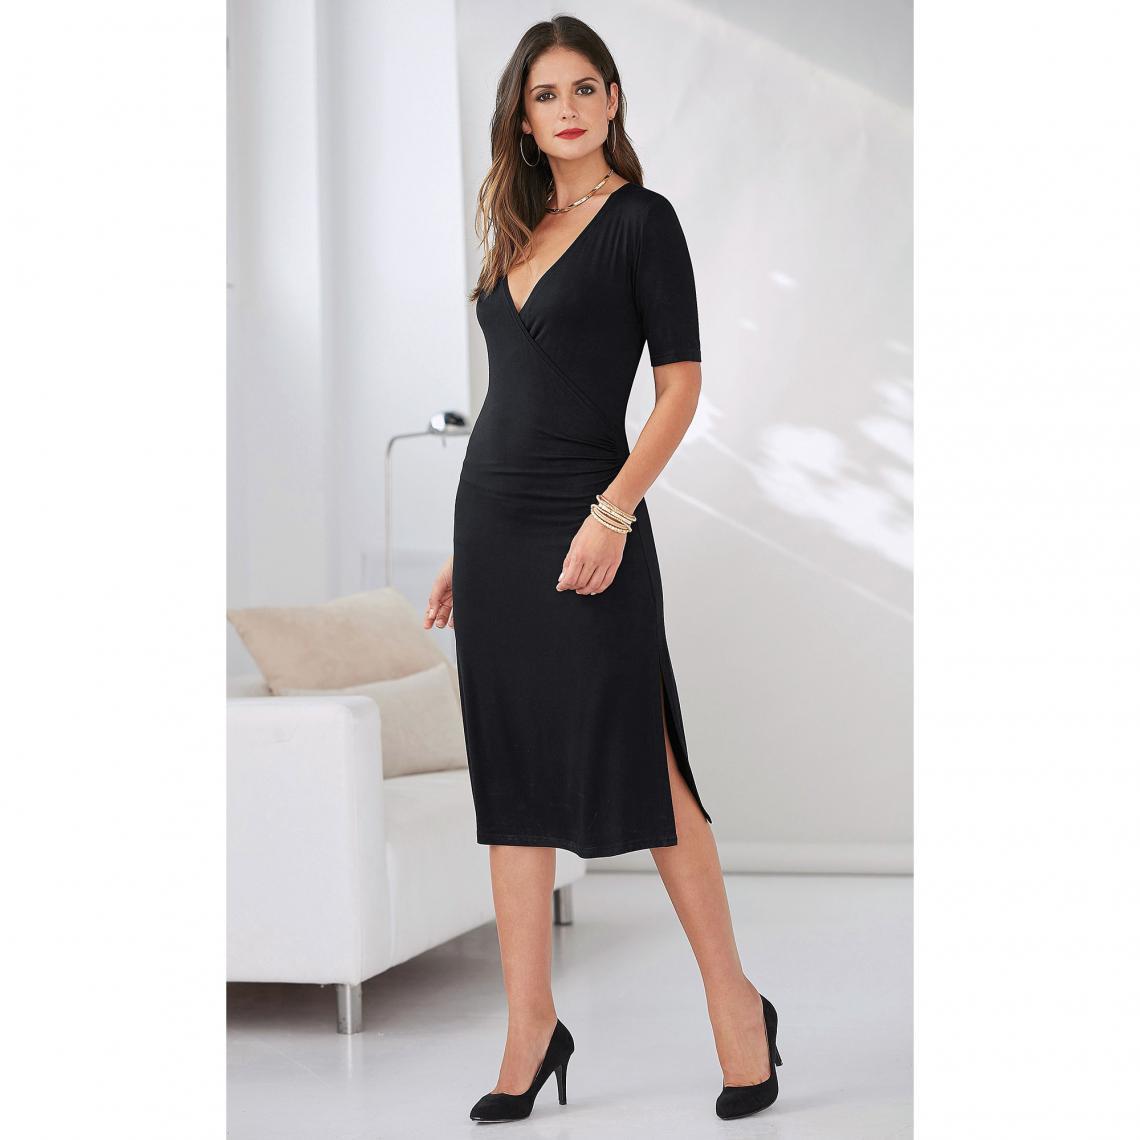 Robe Femme Exclusivité Latérales En Col Croisé 3suisses V Fronces BnqB6Yrw